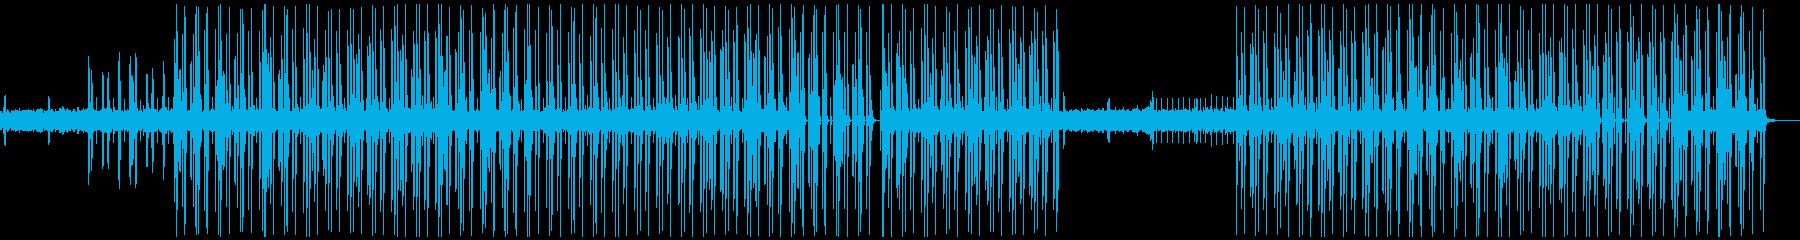 90年代テクノポップBGMの再生済みの波形